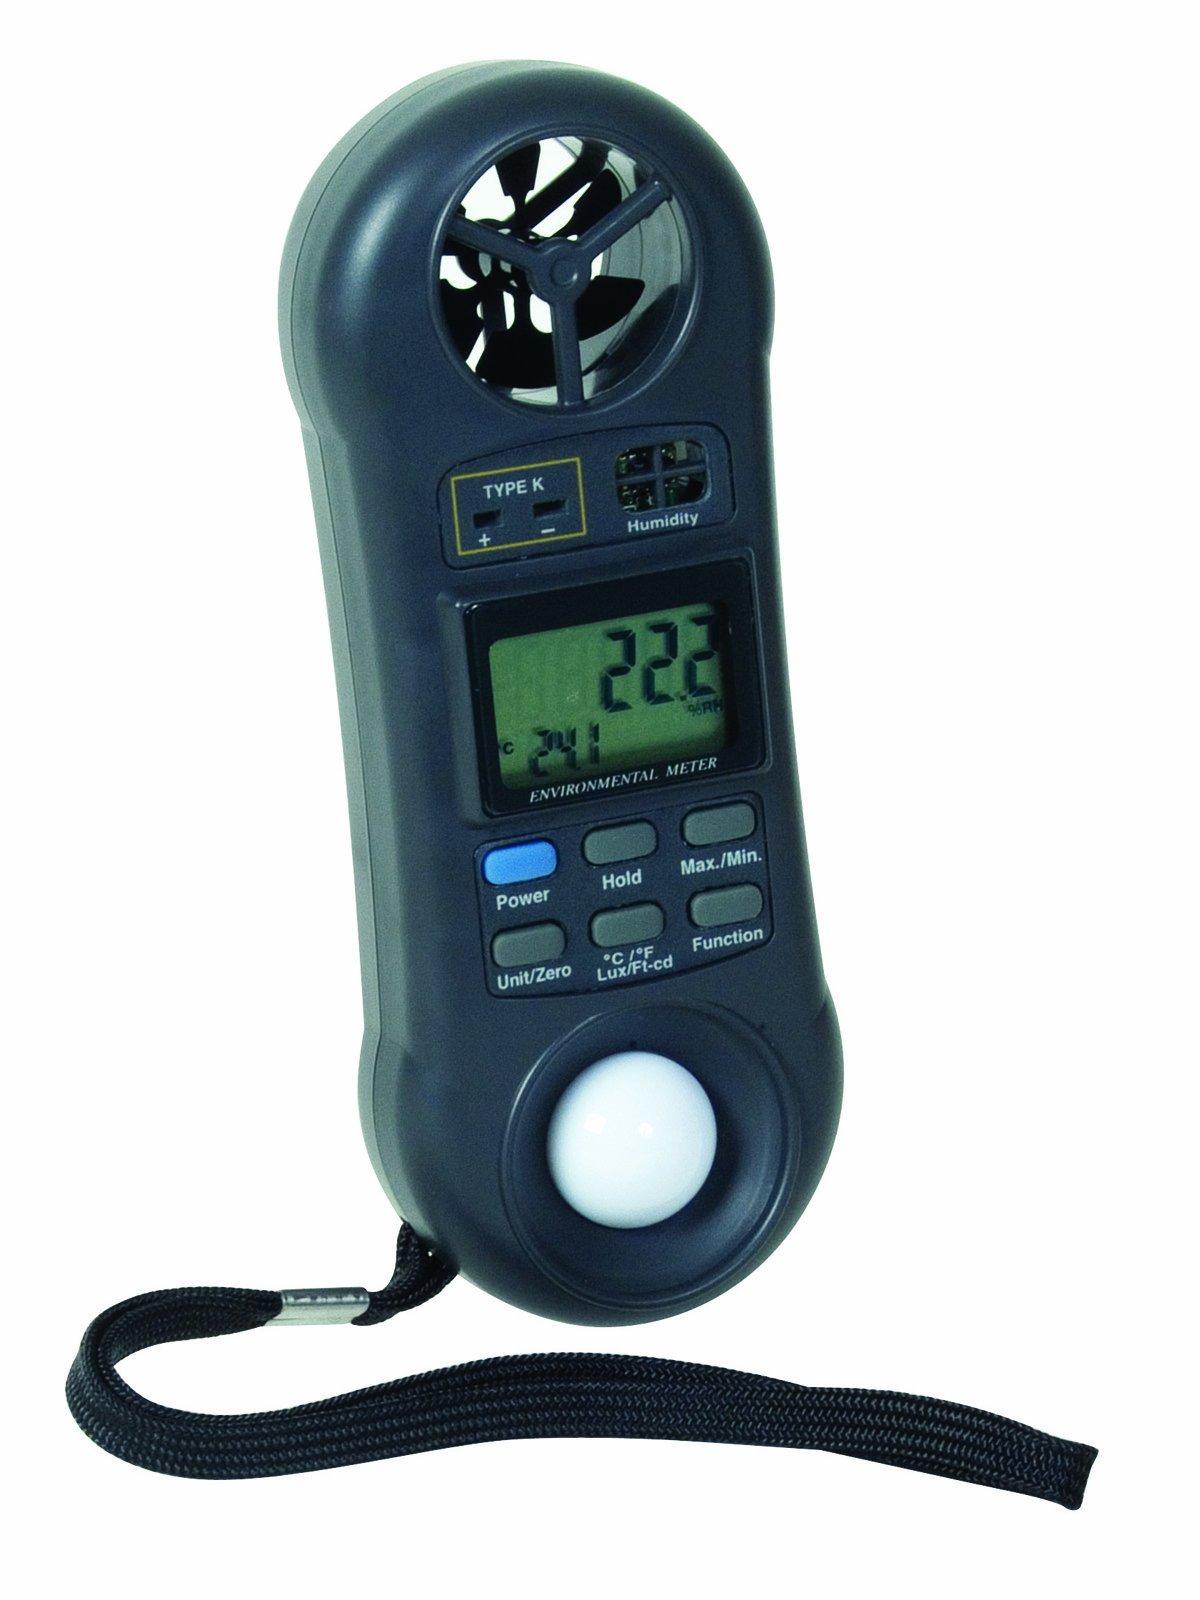 General Tools DLAF8000C 4 in 1 Environmental Air Flow Meter with Case by General Tools